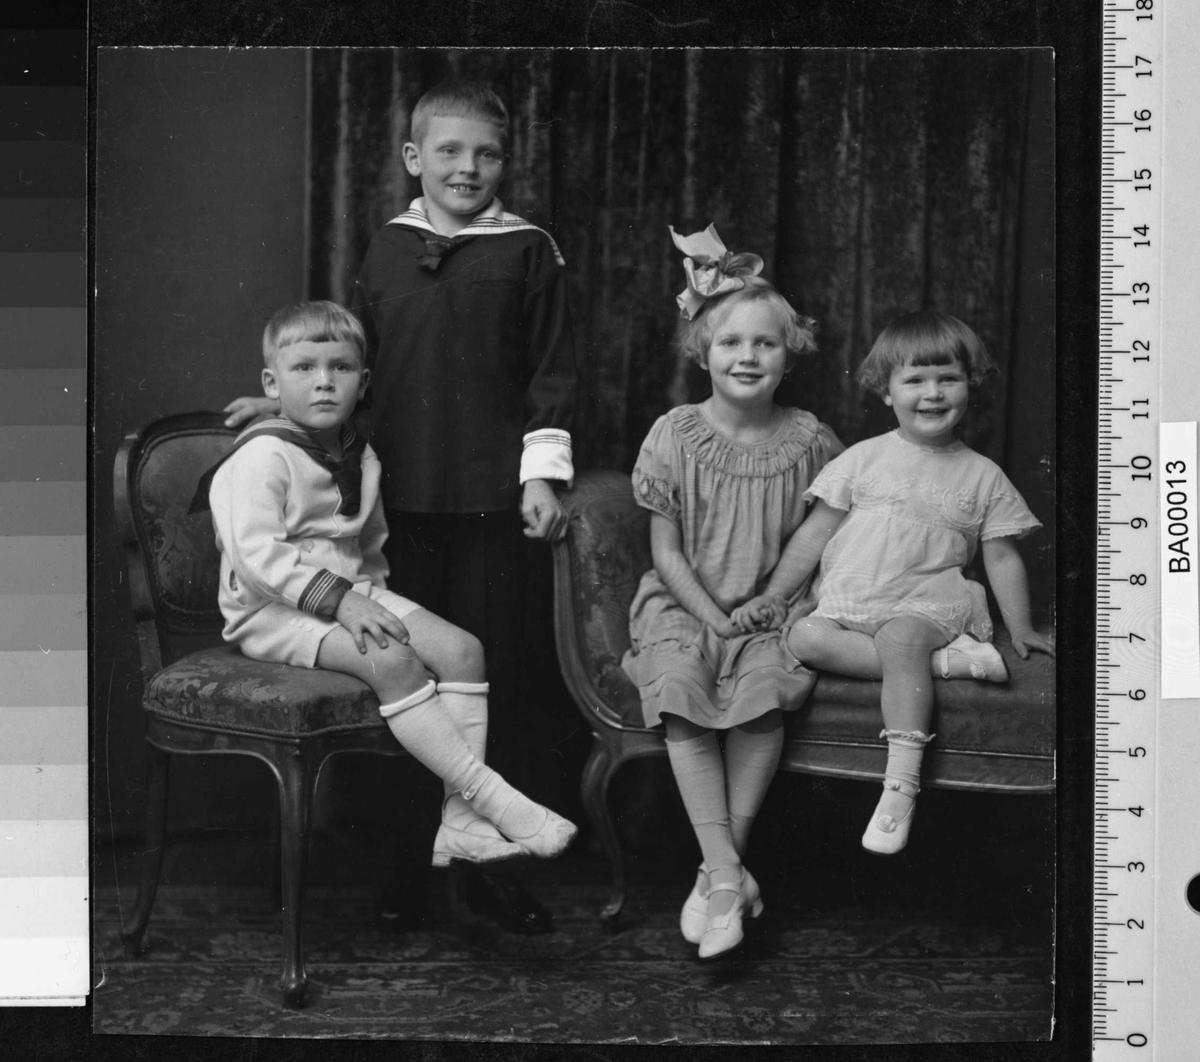 Portrettfotografi; 4 barn i forskellig alder, fra venstre: gutt i hvitt mattrostøy med korte bukser sittende på stol; stor gutt i mørkt mattrostøy med lange bukser stående litt bak; stor pike i farget staskjole, lange strømper og stor sløjfe i håret sittende på sofabenk, hun holder hånden til den lille piken ved siden av i hvitt kort kjole og halvstrømper.  Alle 4 ser på fotografen.